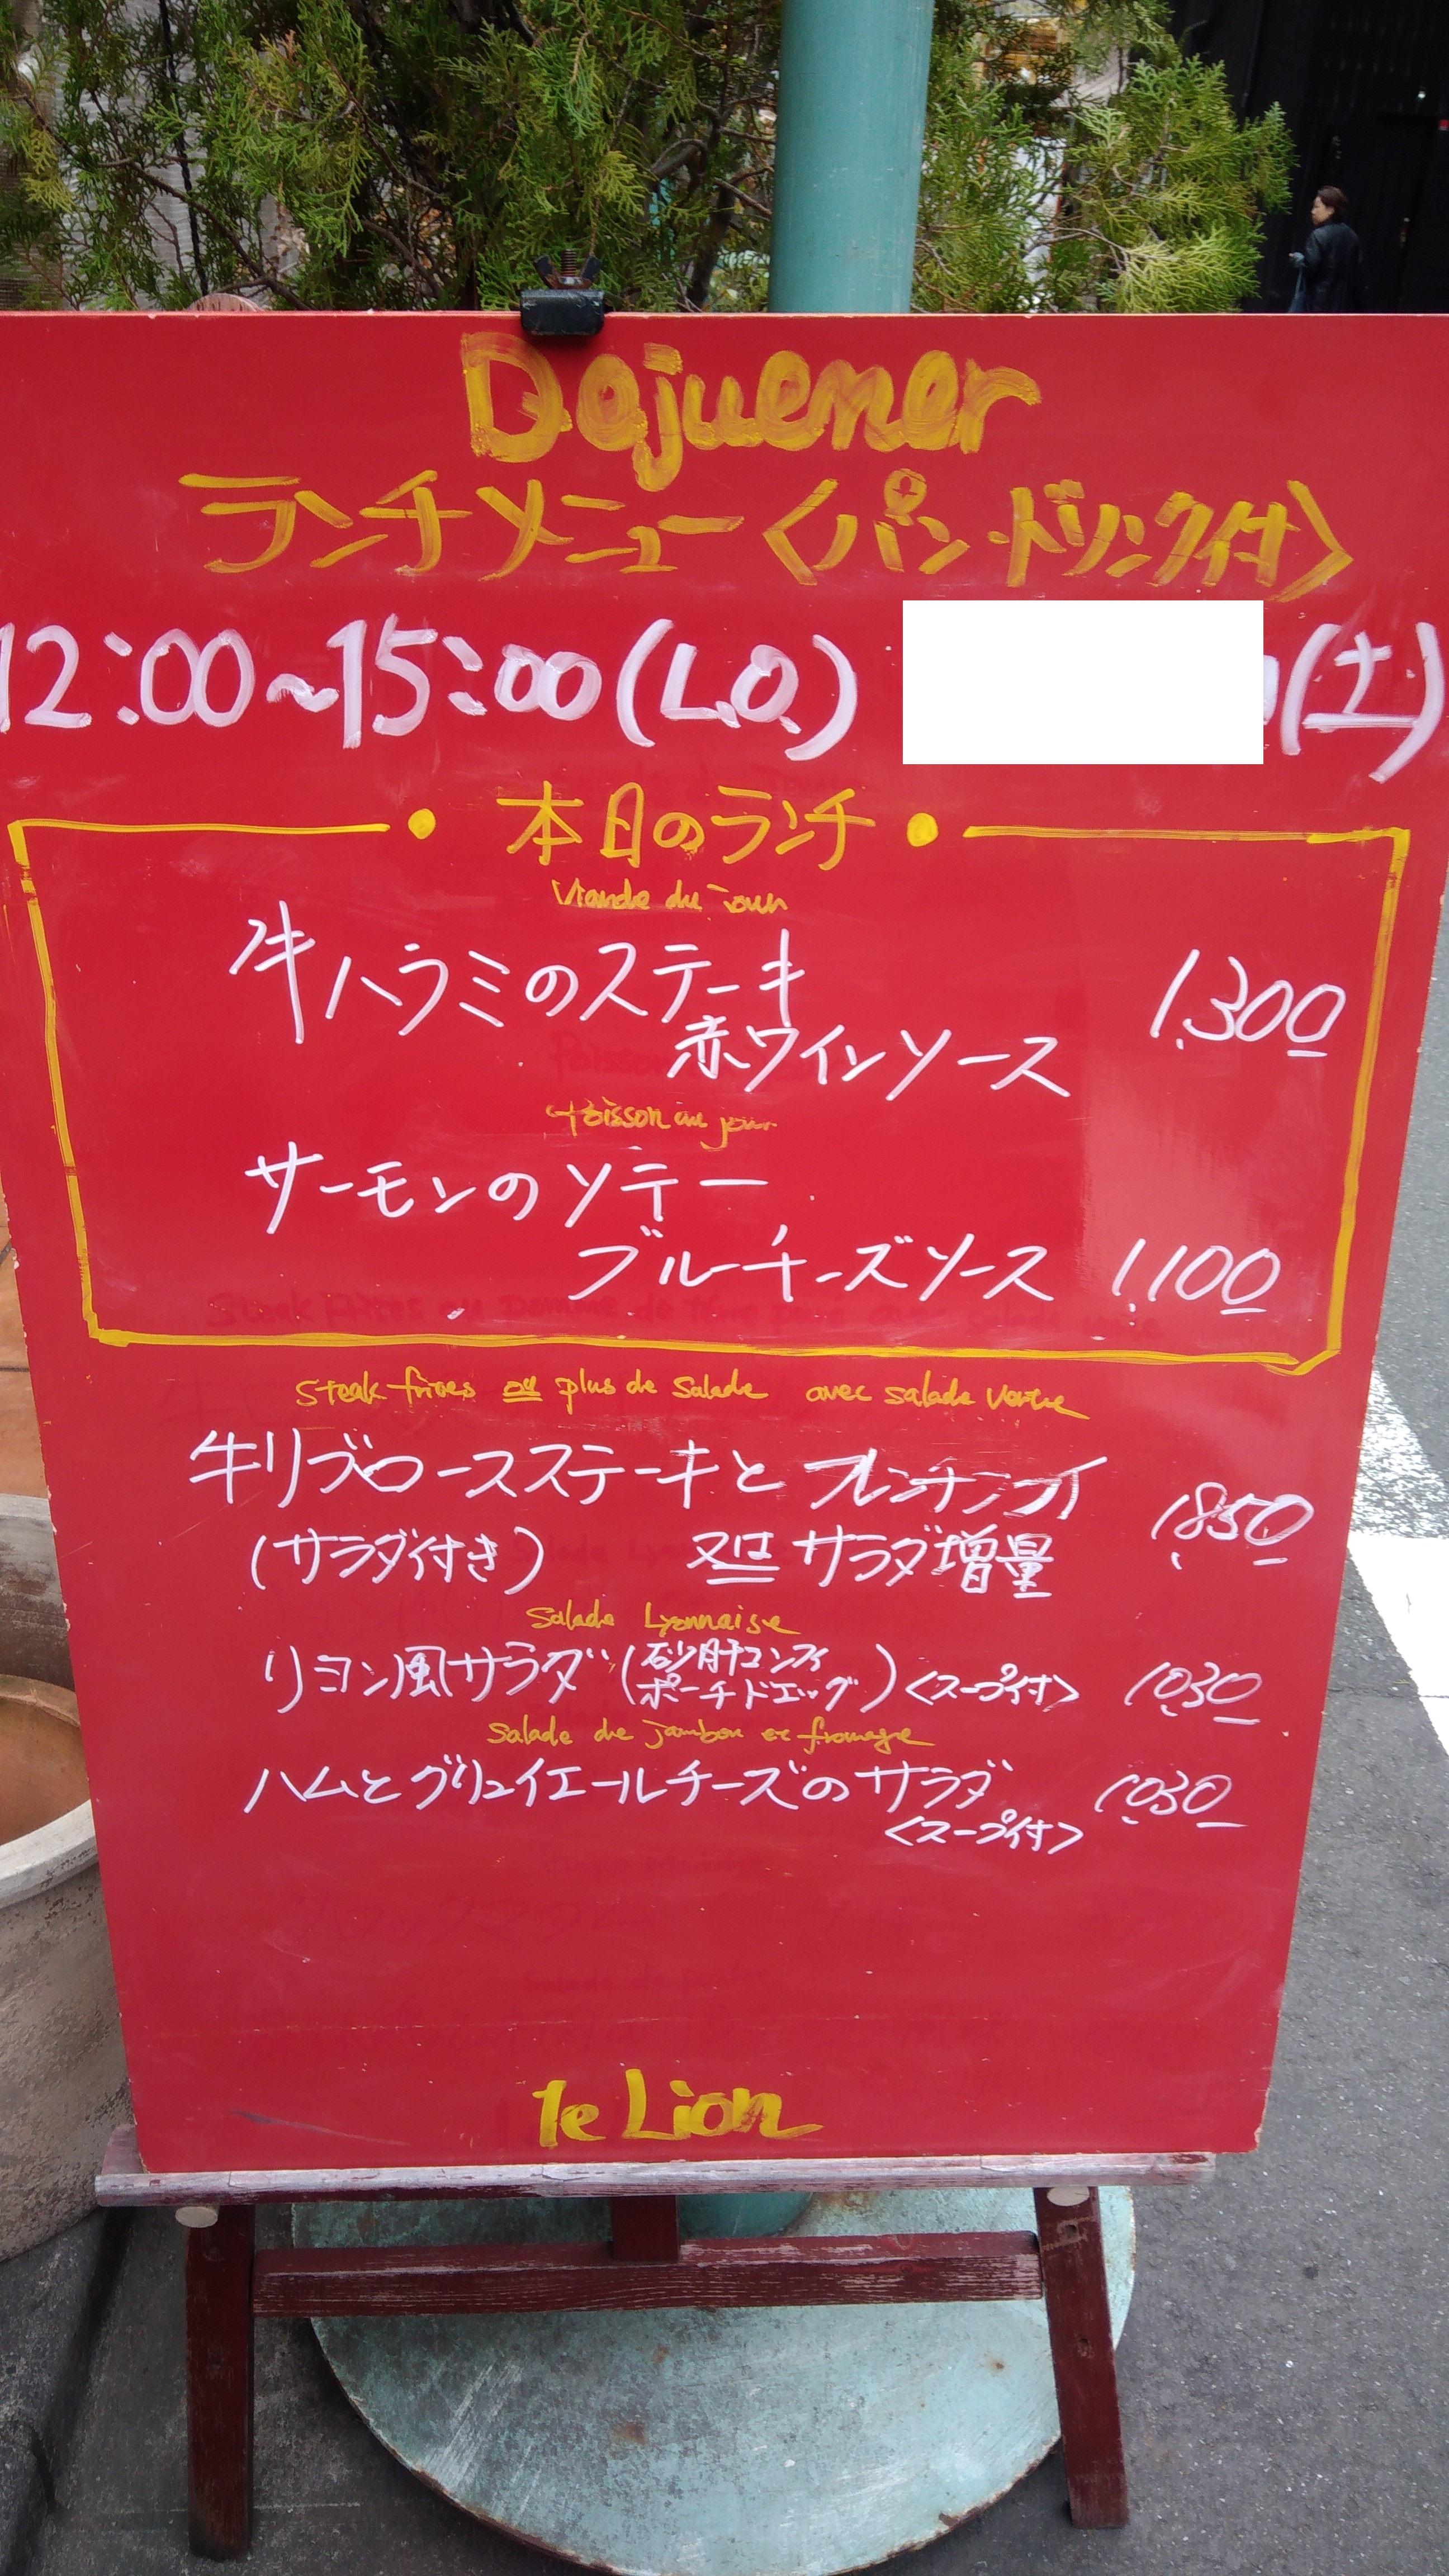 恵比寿で土曜ランチ予約もできて1100円!ル・リオン/le Lion